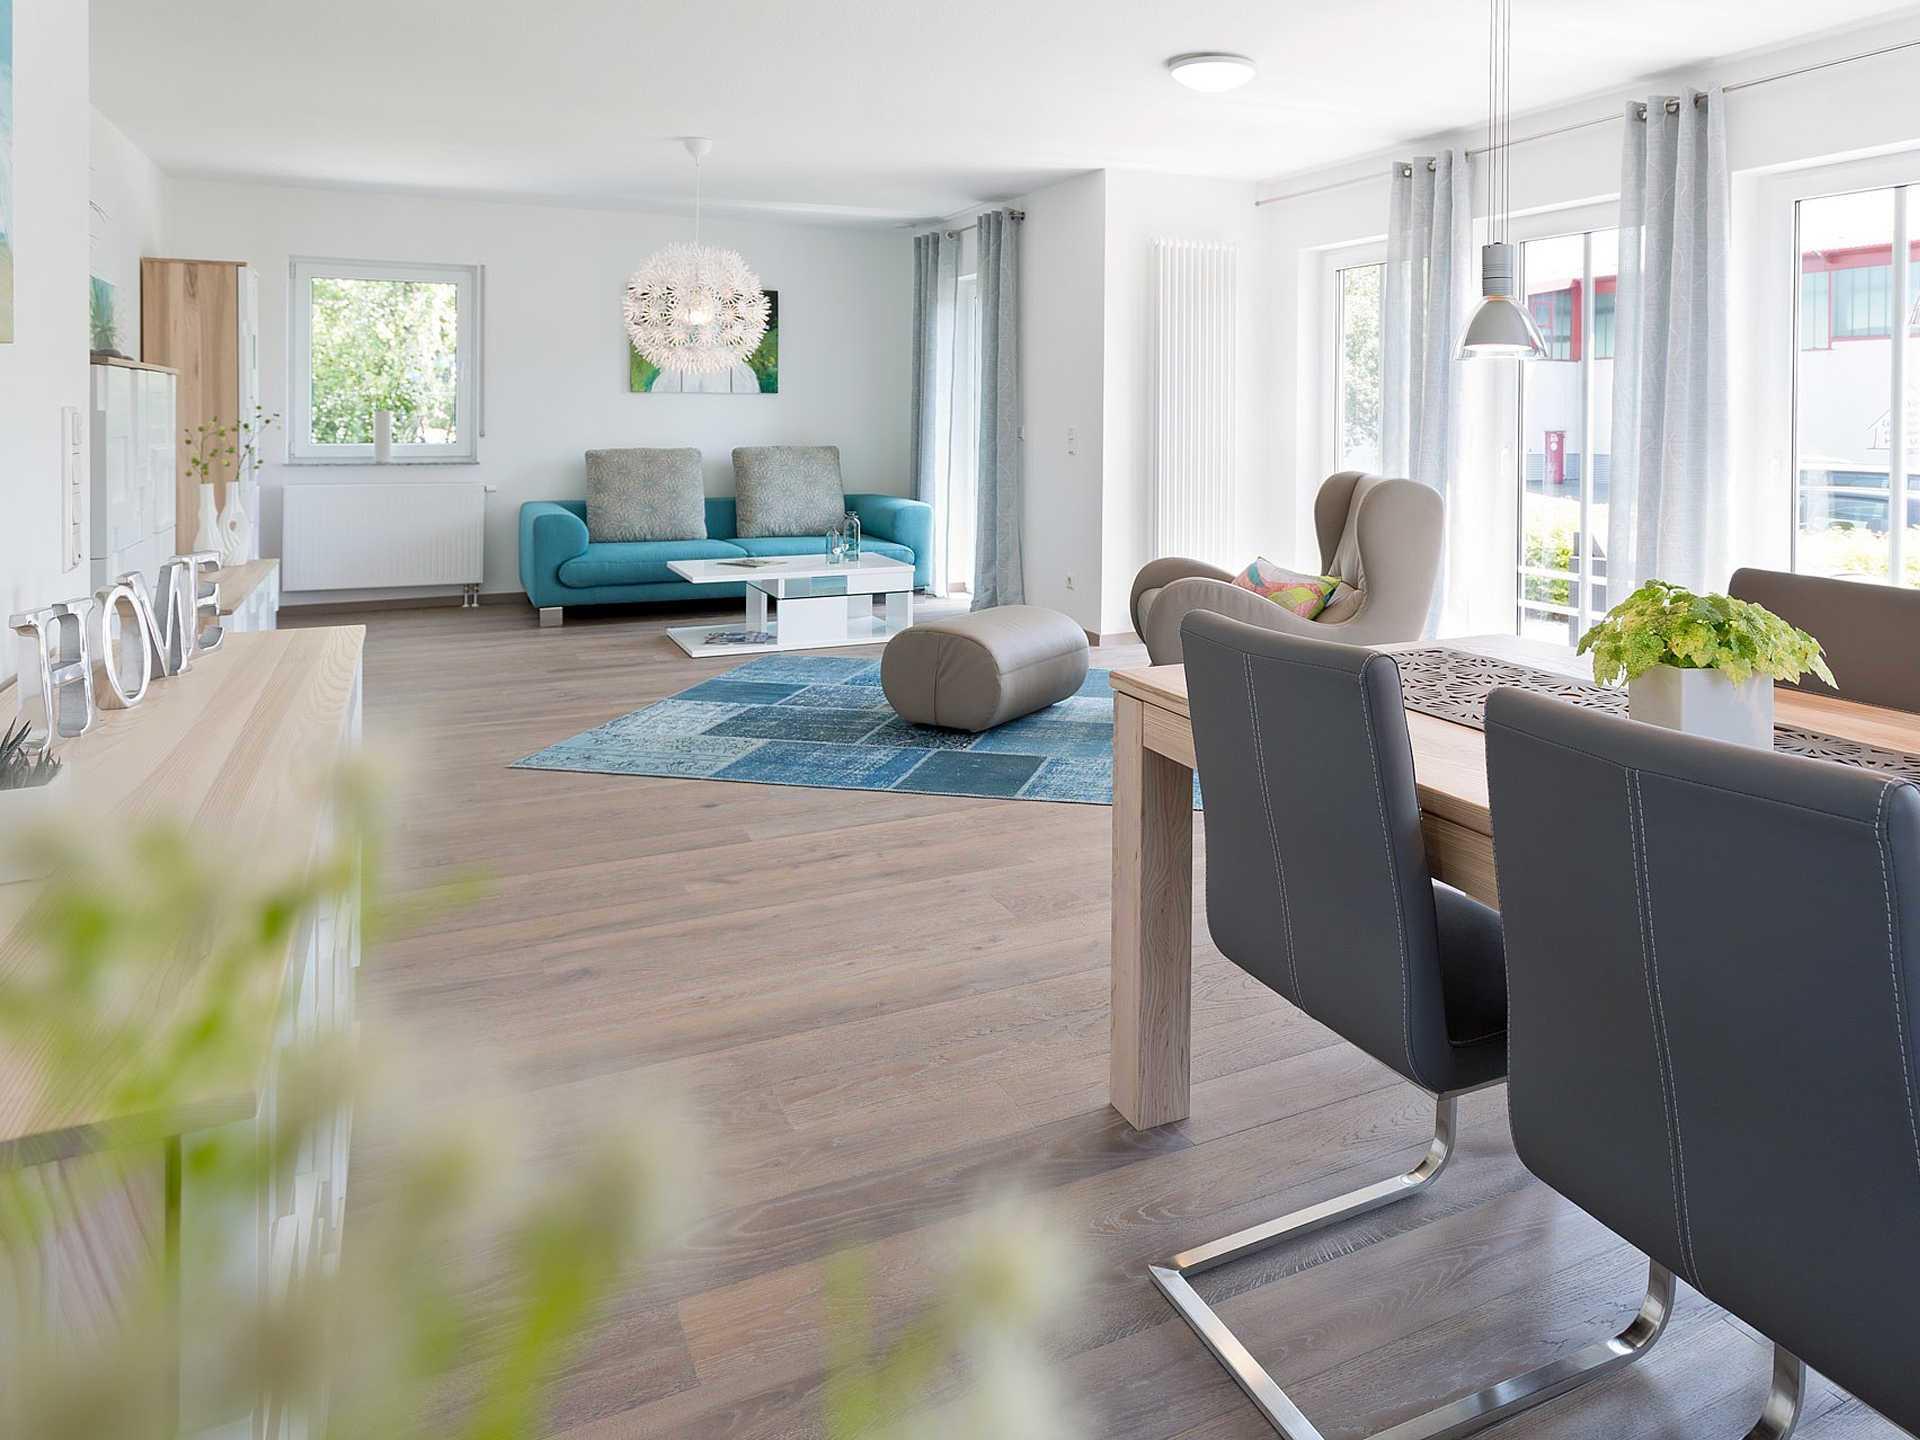 Innenansicht Wohn- und Essbereich - Einfamilienhaus R99.20 - Fingerhut Haus